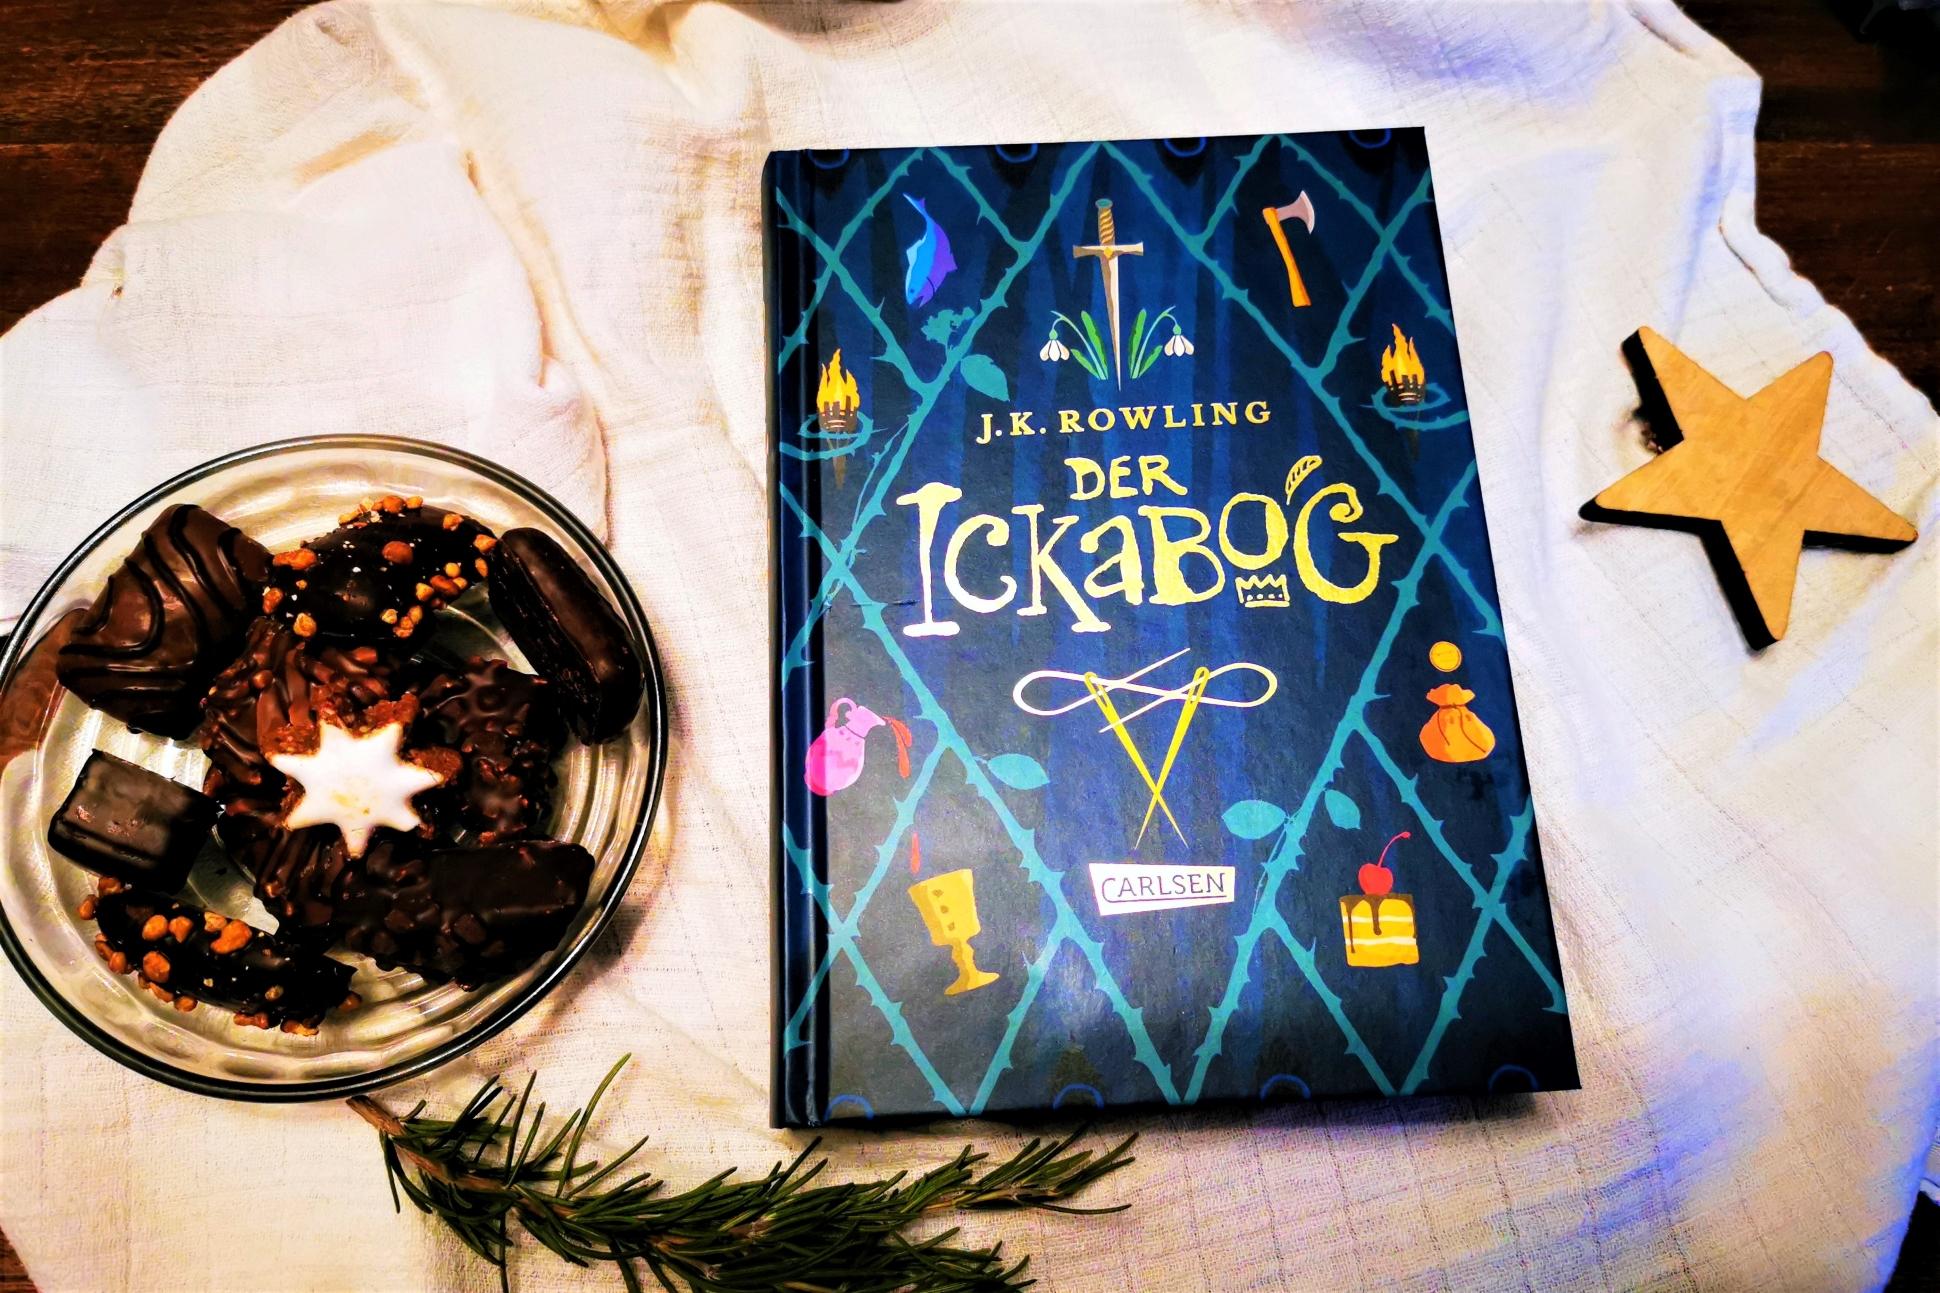 Der Ickabog von J.K. Rowling - ein märchenhaftes Buch über Verrat, Mord, Freundschaft und falsche Eitelkeit für Kinder ab etwa 9 Jahren.